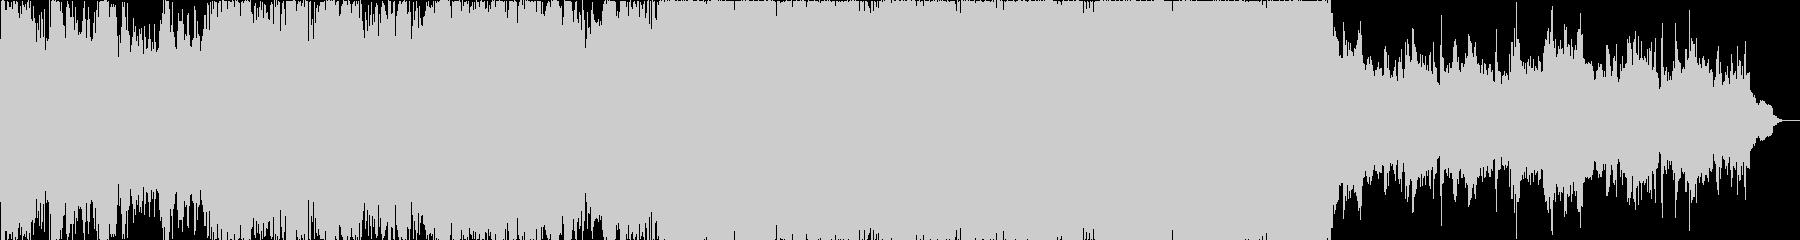 ダーク、戦争等重いイメージのオーケストラの未再生の波形